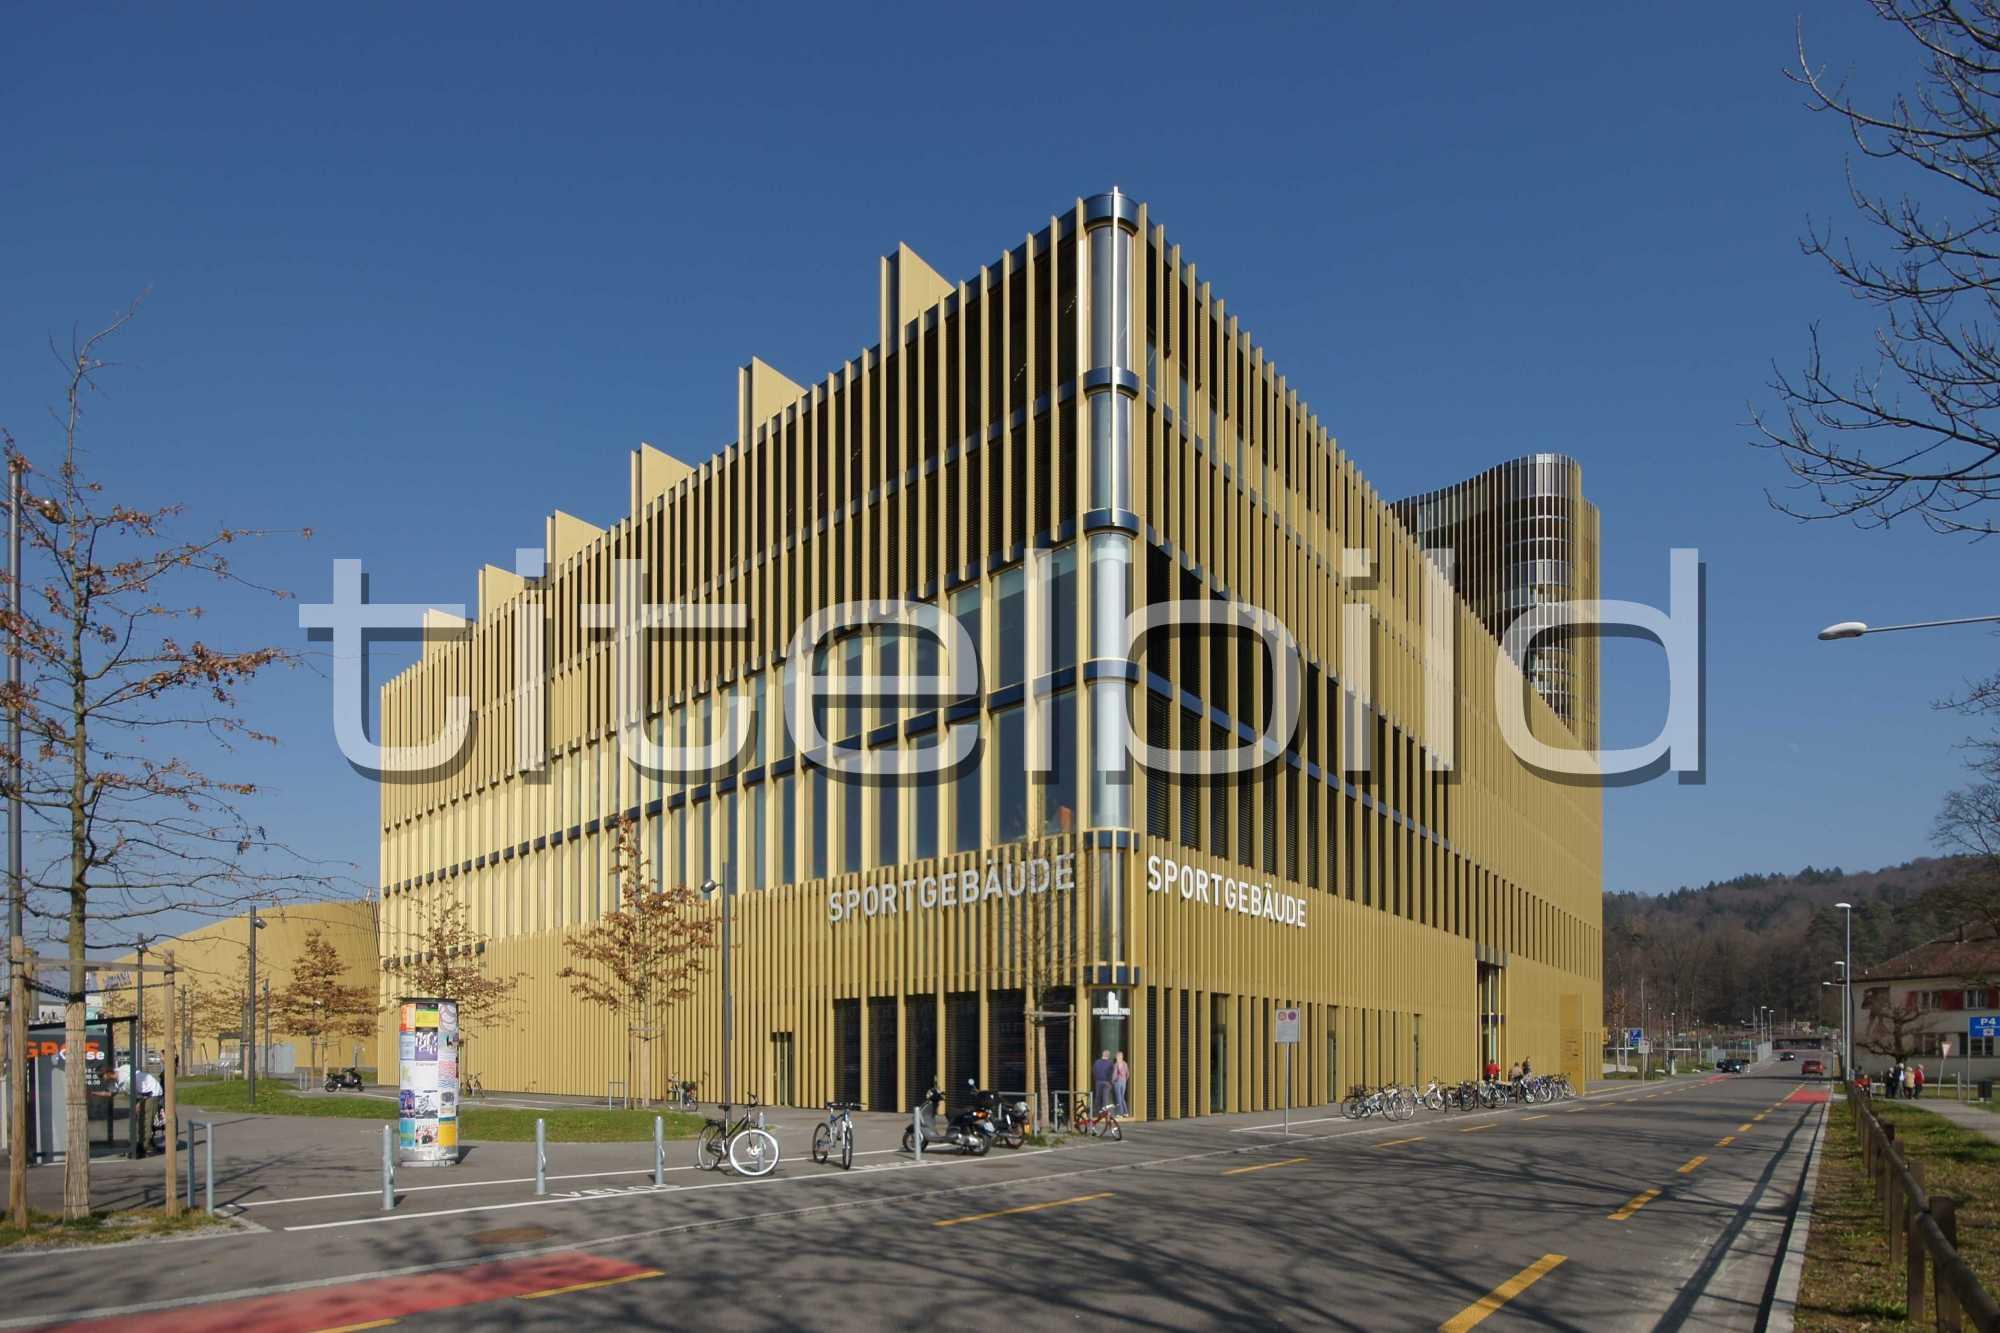 Projektbild-Nr. 2: Sportgebäude, Hallenbad Allmend